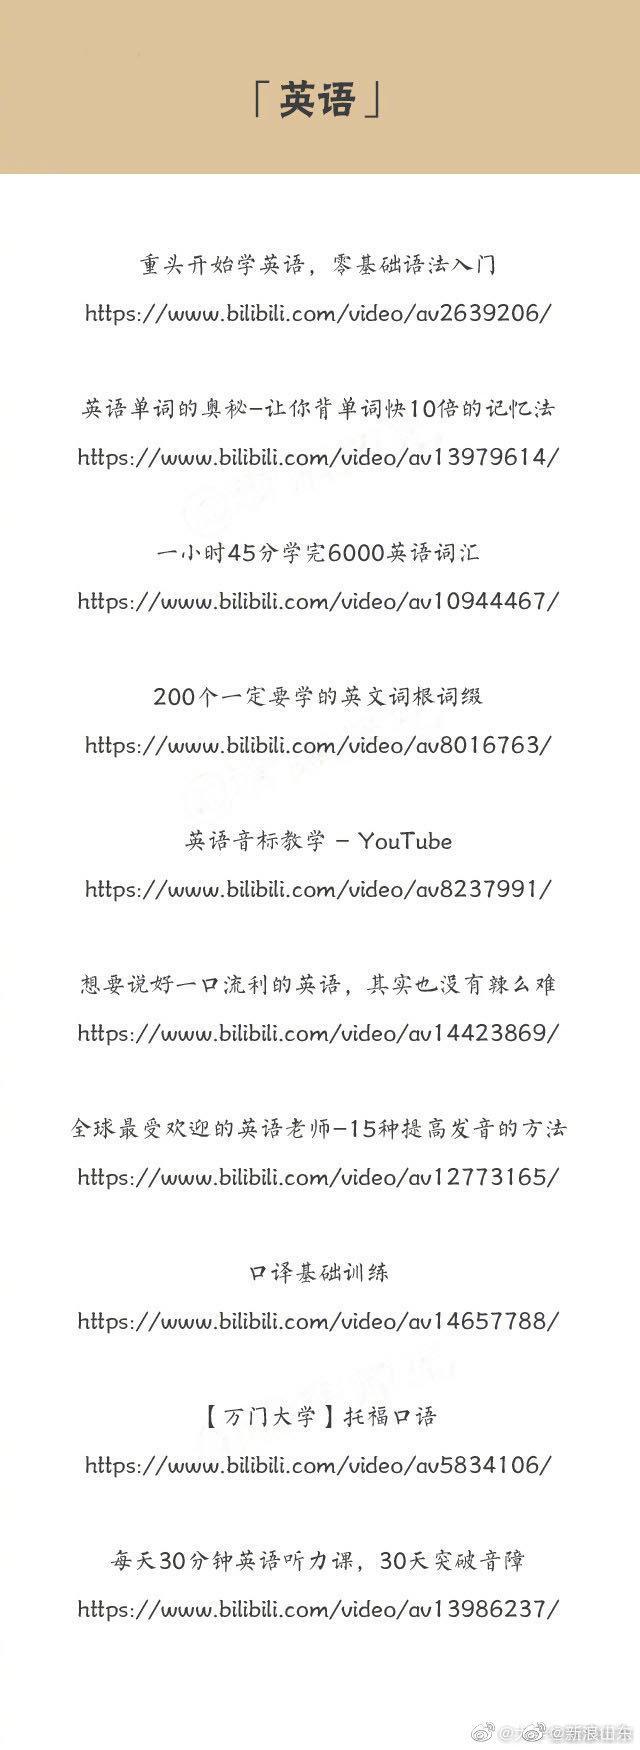 B站语言类自学视频网站,业余时间学点小语种……